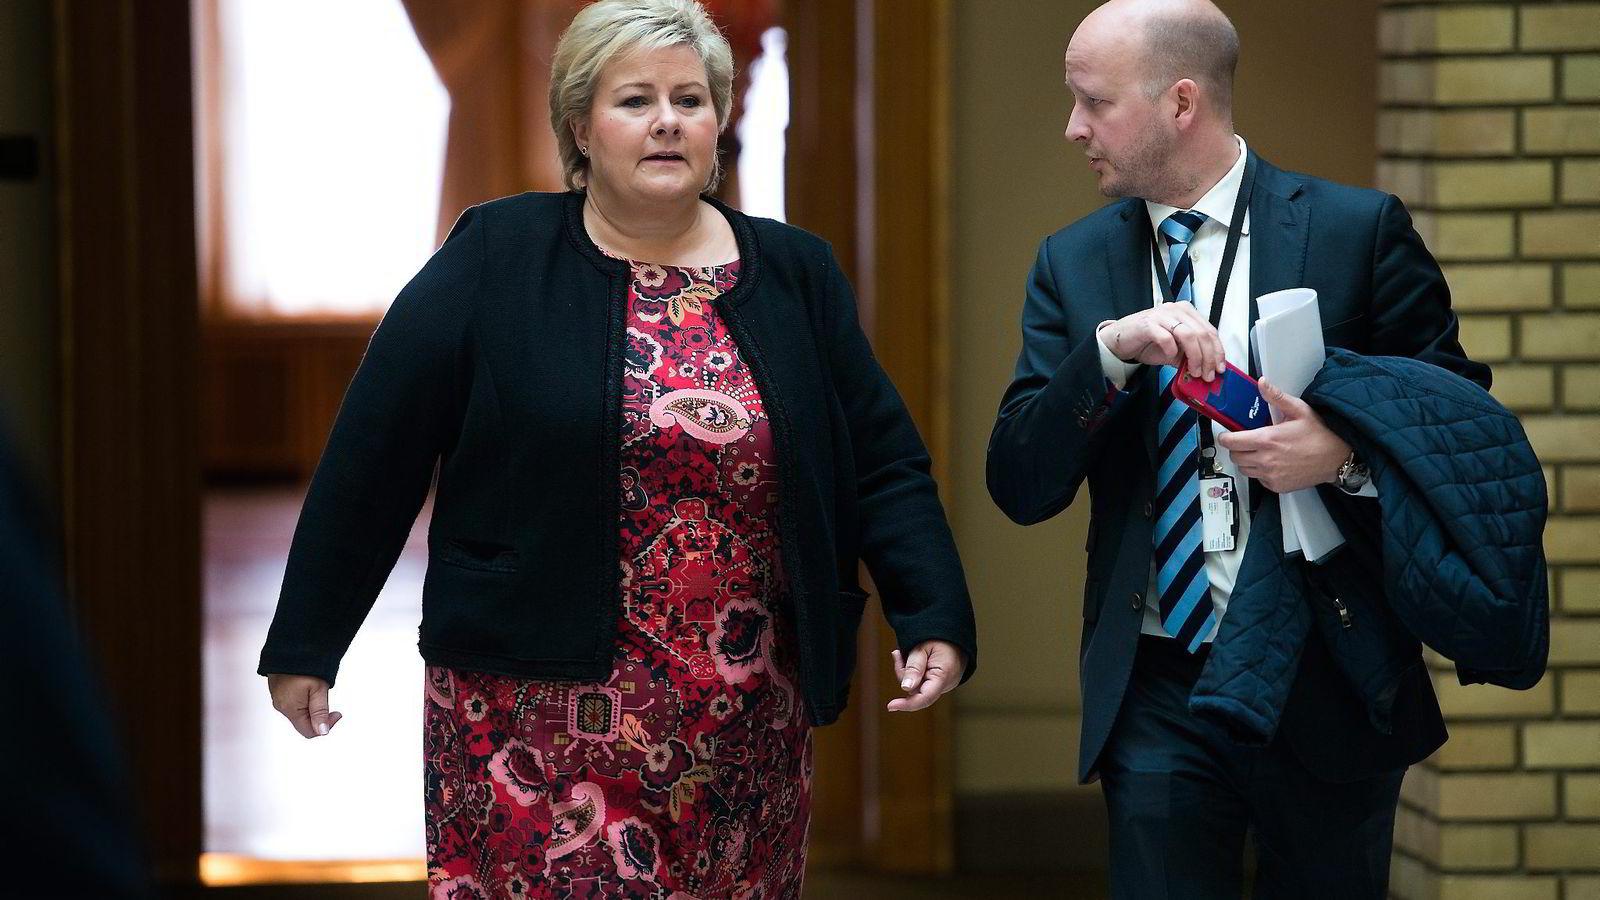 Statsminister Erna Solberg varslet denne uken at regjeringen vil øke oljepengebruken for å takle flyktningkrisen. Her sammen med statssekretær Sigbjørn Aanes.